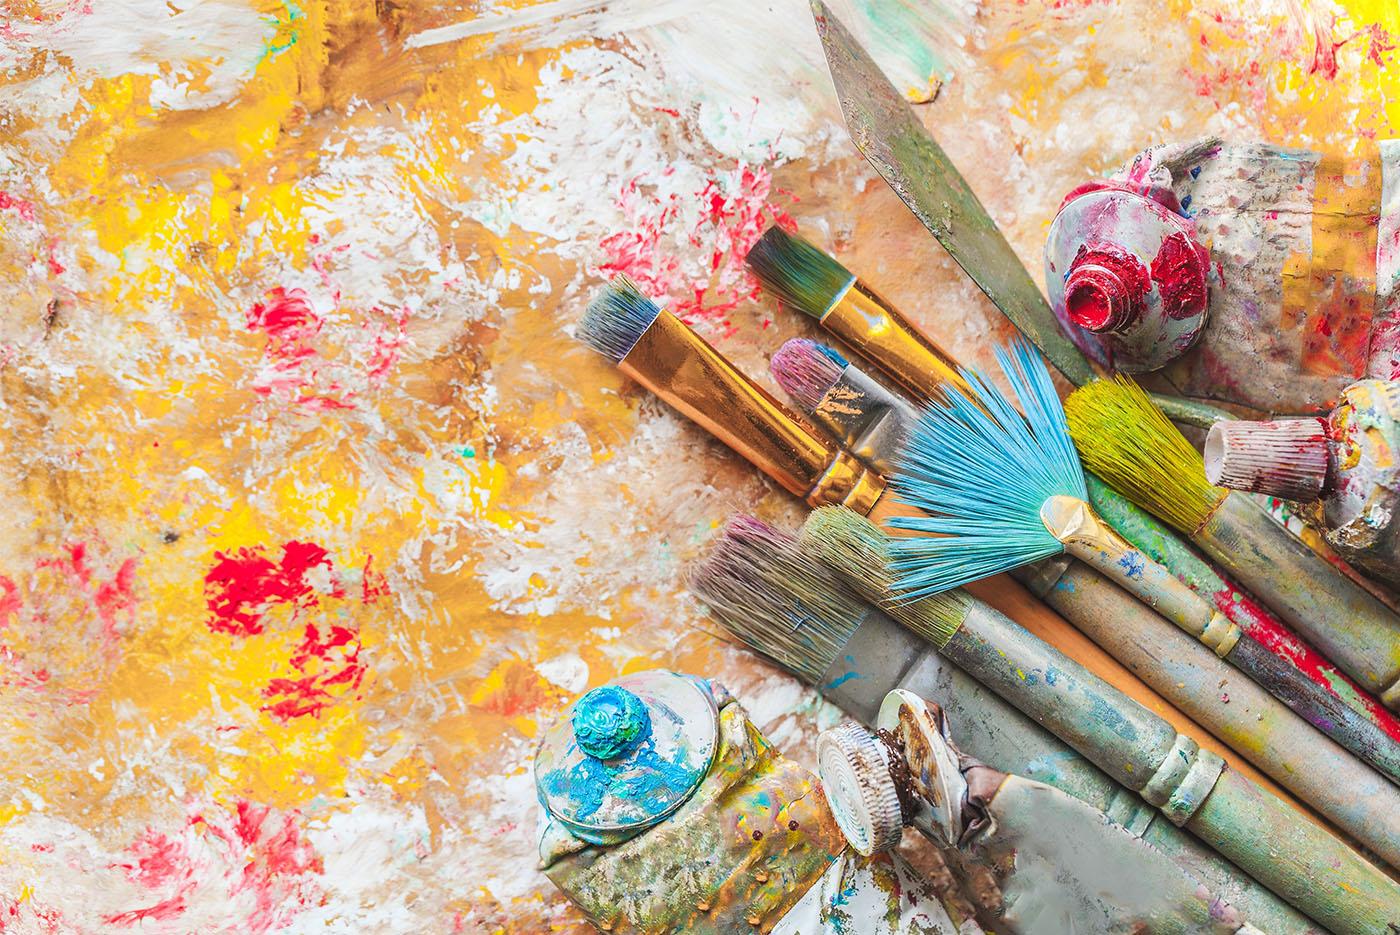 Der Darß Für Kunstliebhaber – Kunstgalerien Vorgestellt